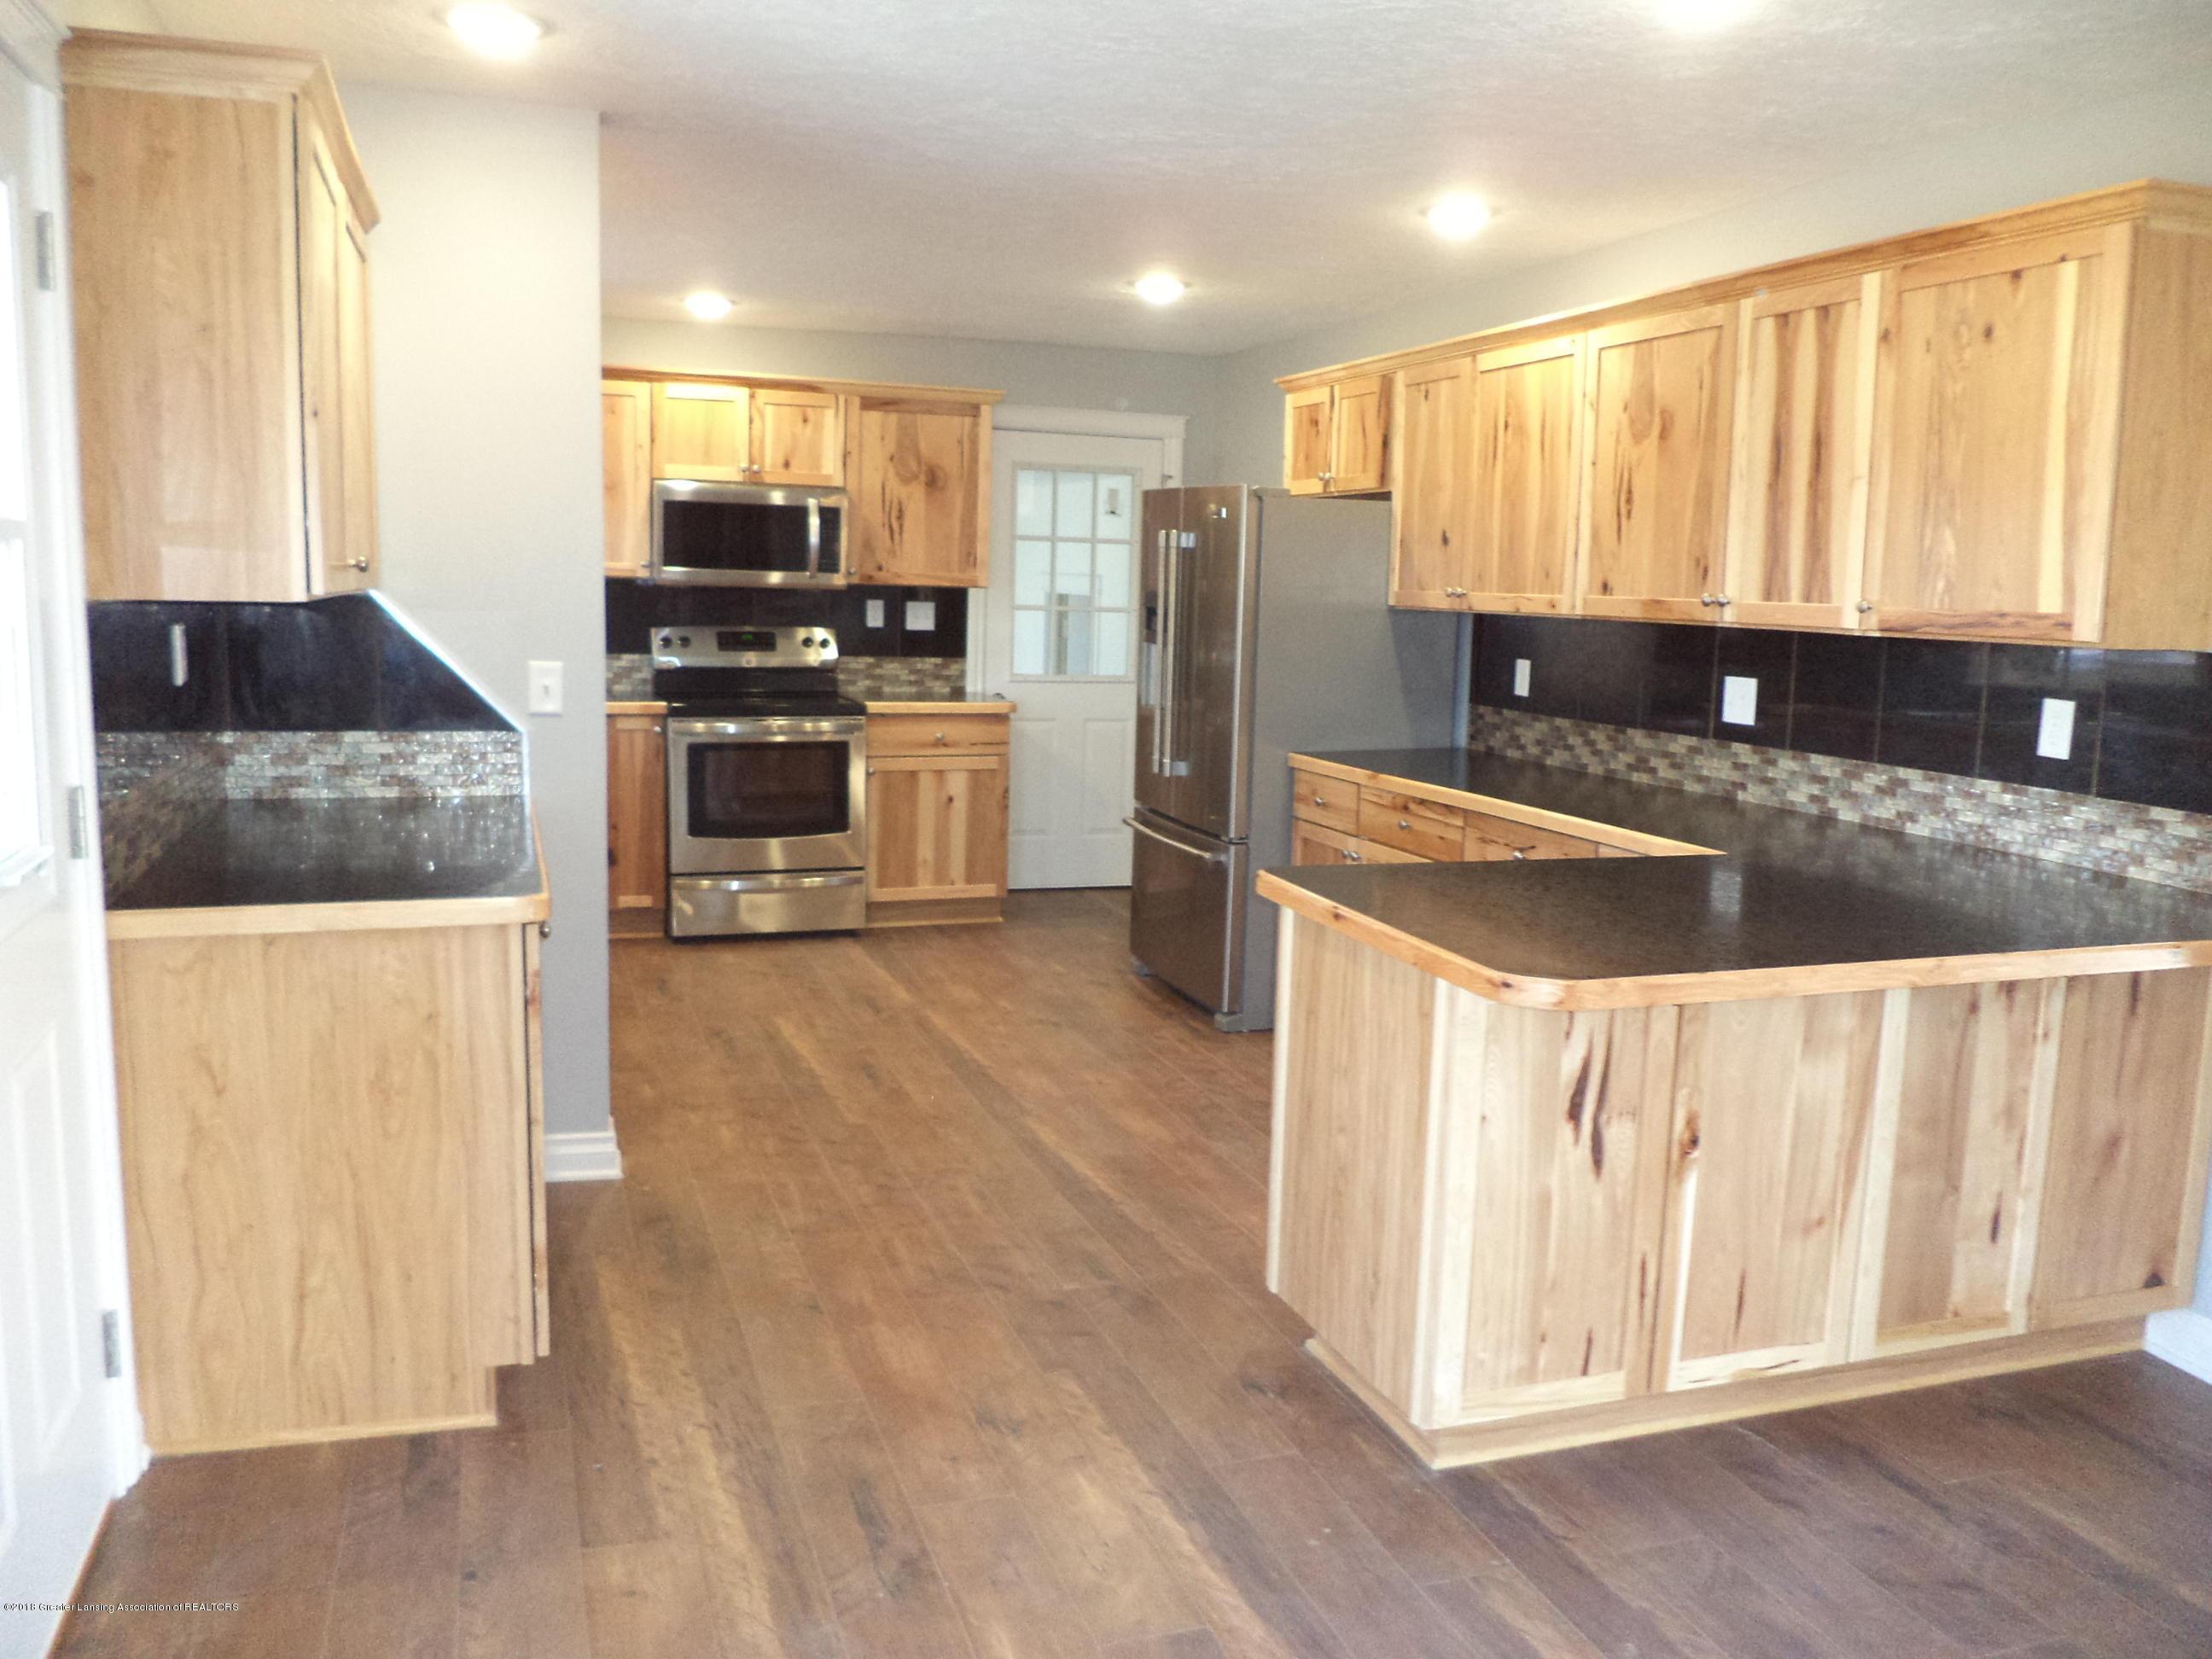 3200 S Dewitt Rd - Kitchen 3 - 7